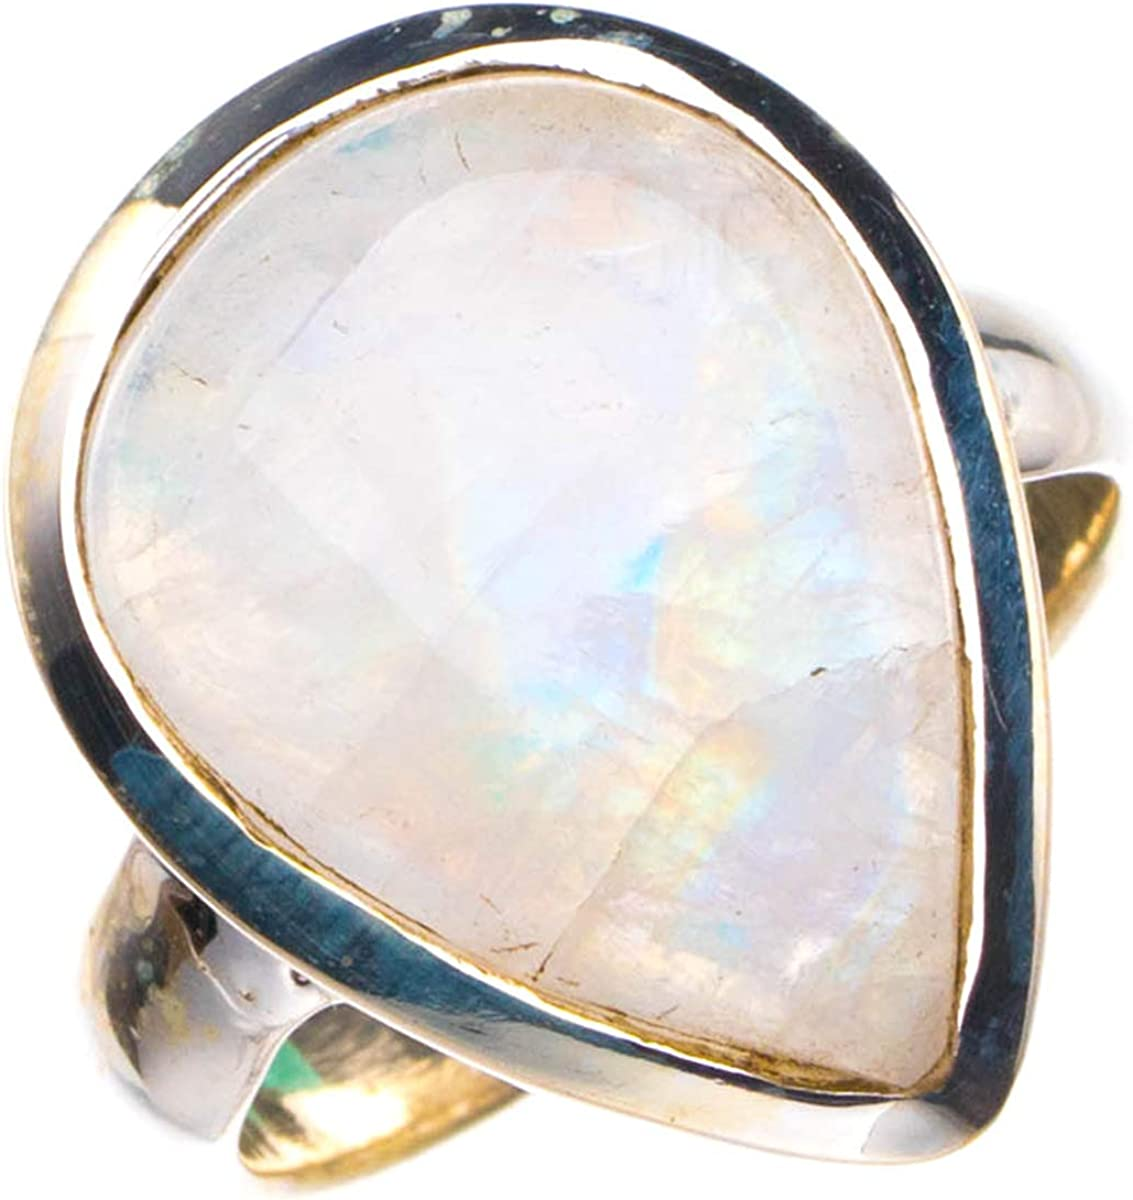 StarGems Anillo de plata de ley 925 con piedra lunar arcoíris natural hecho a mano K 1/2 D4124